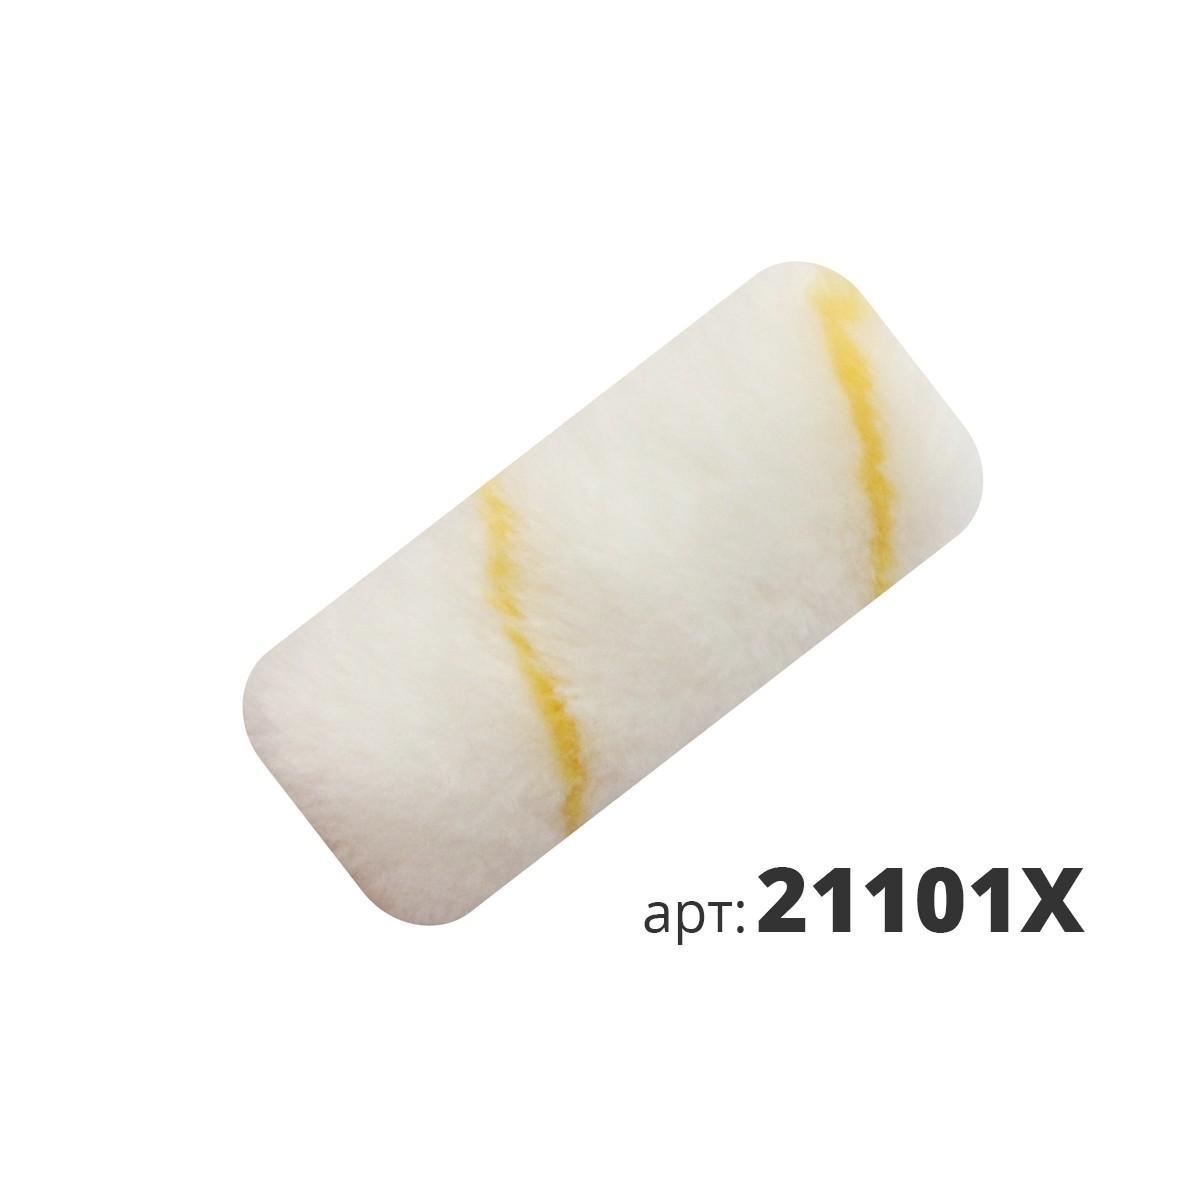 Мини-валик полиамид с желтой полосой 21101X